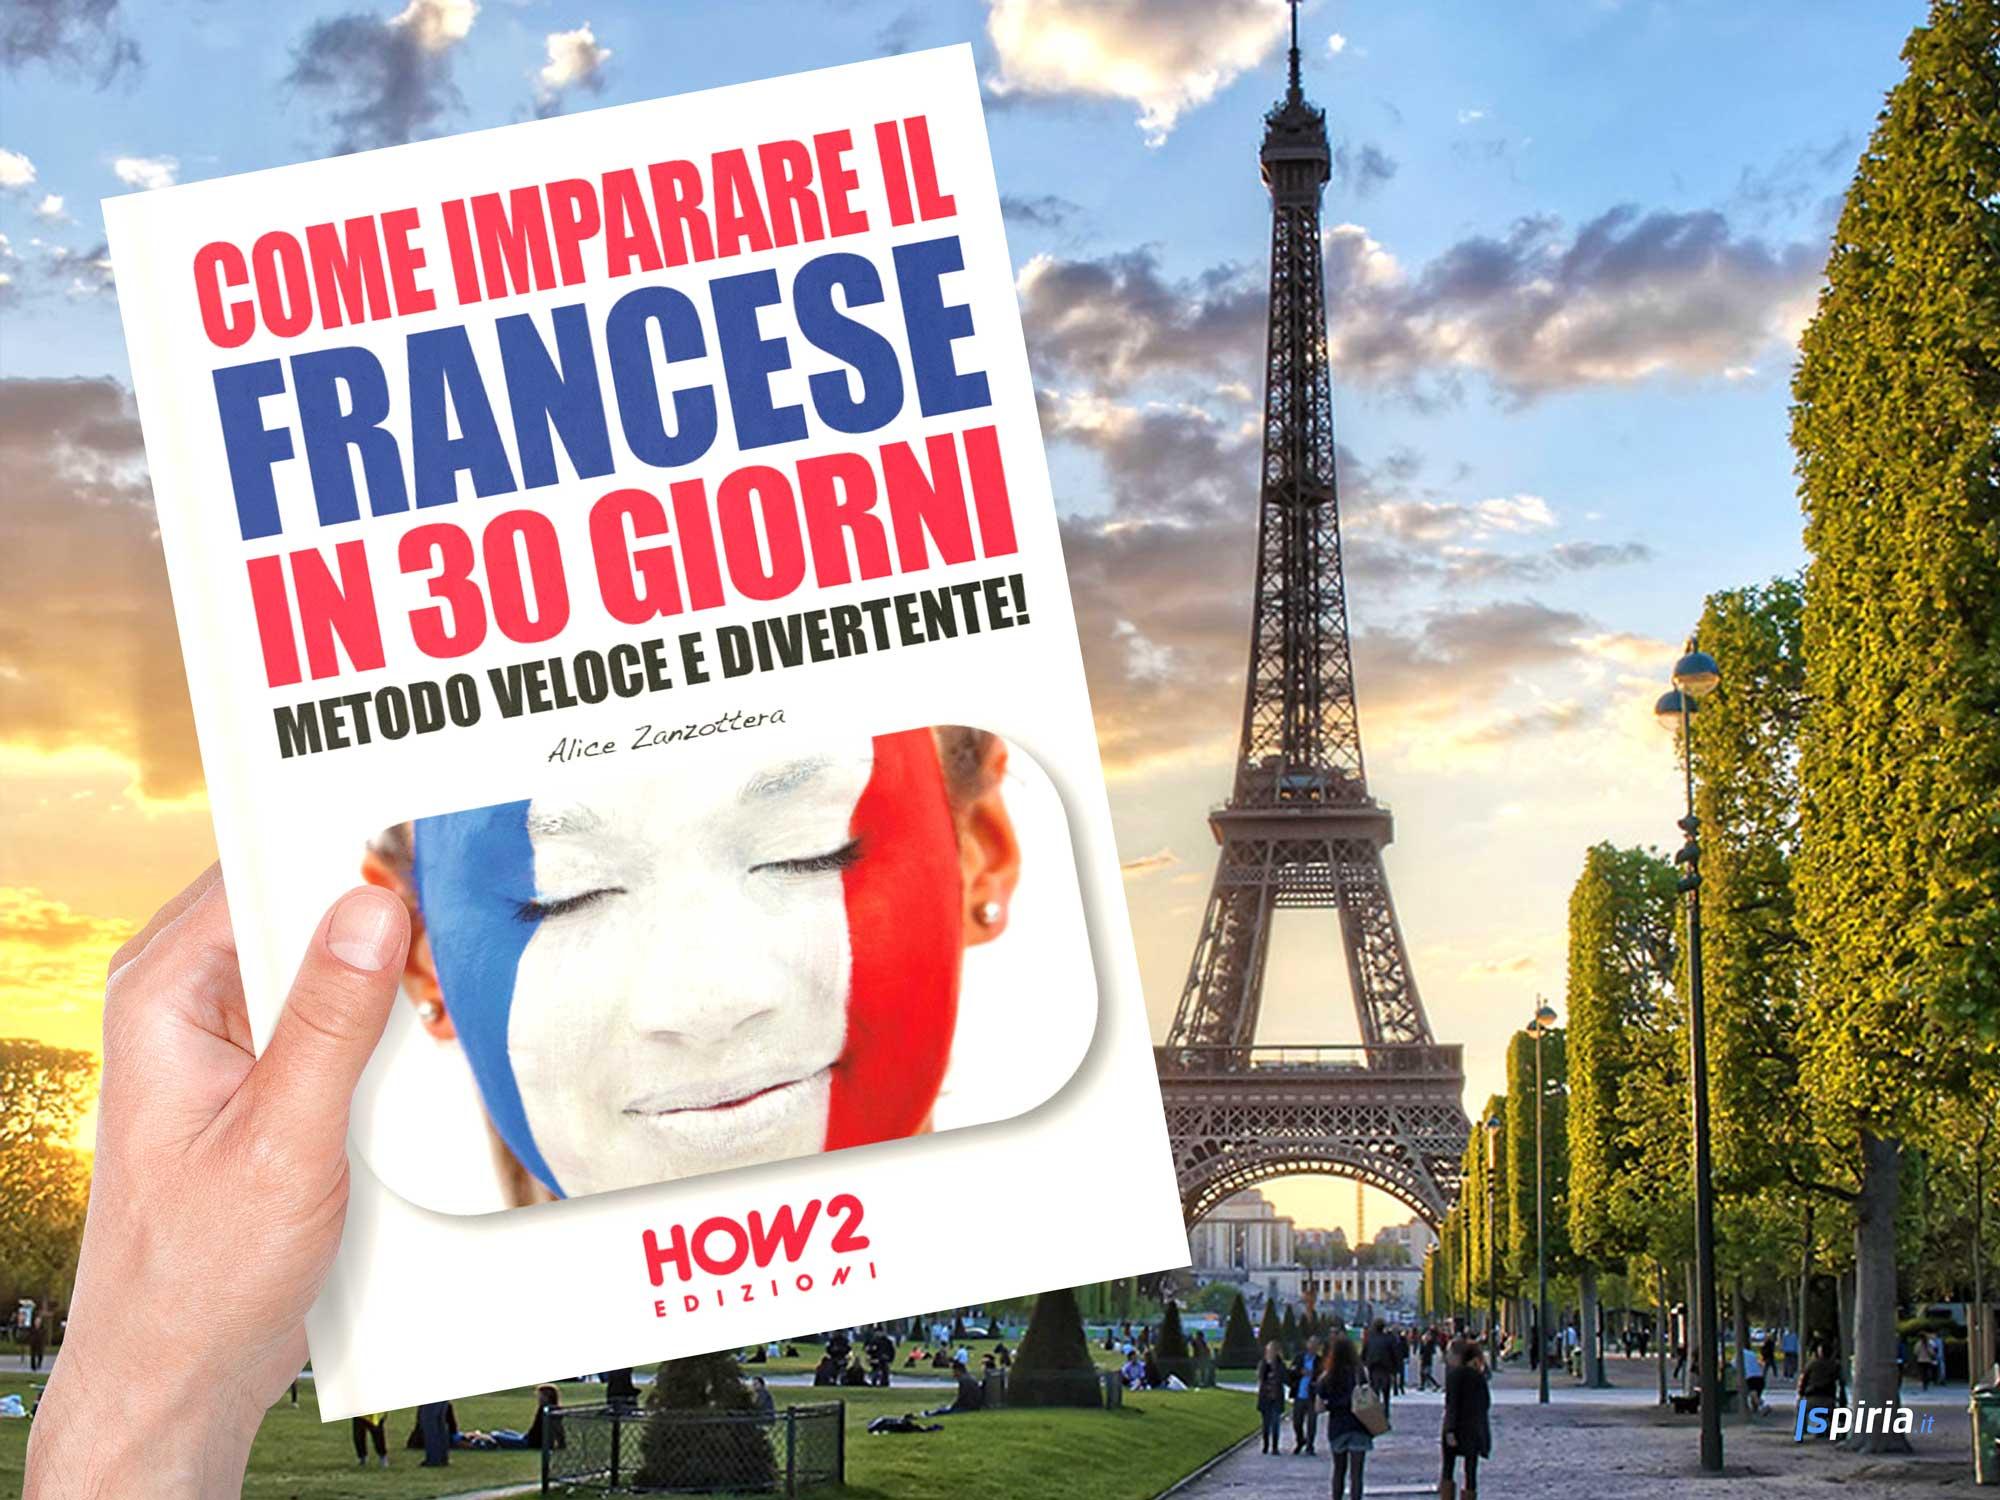 migliori-libri-per-imparare-il-francese-in-30-giorni